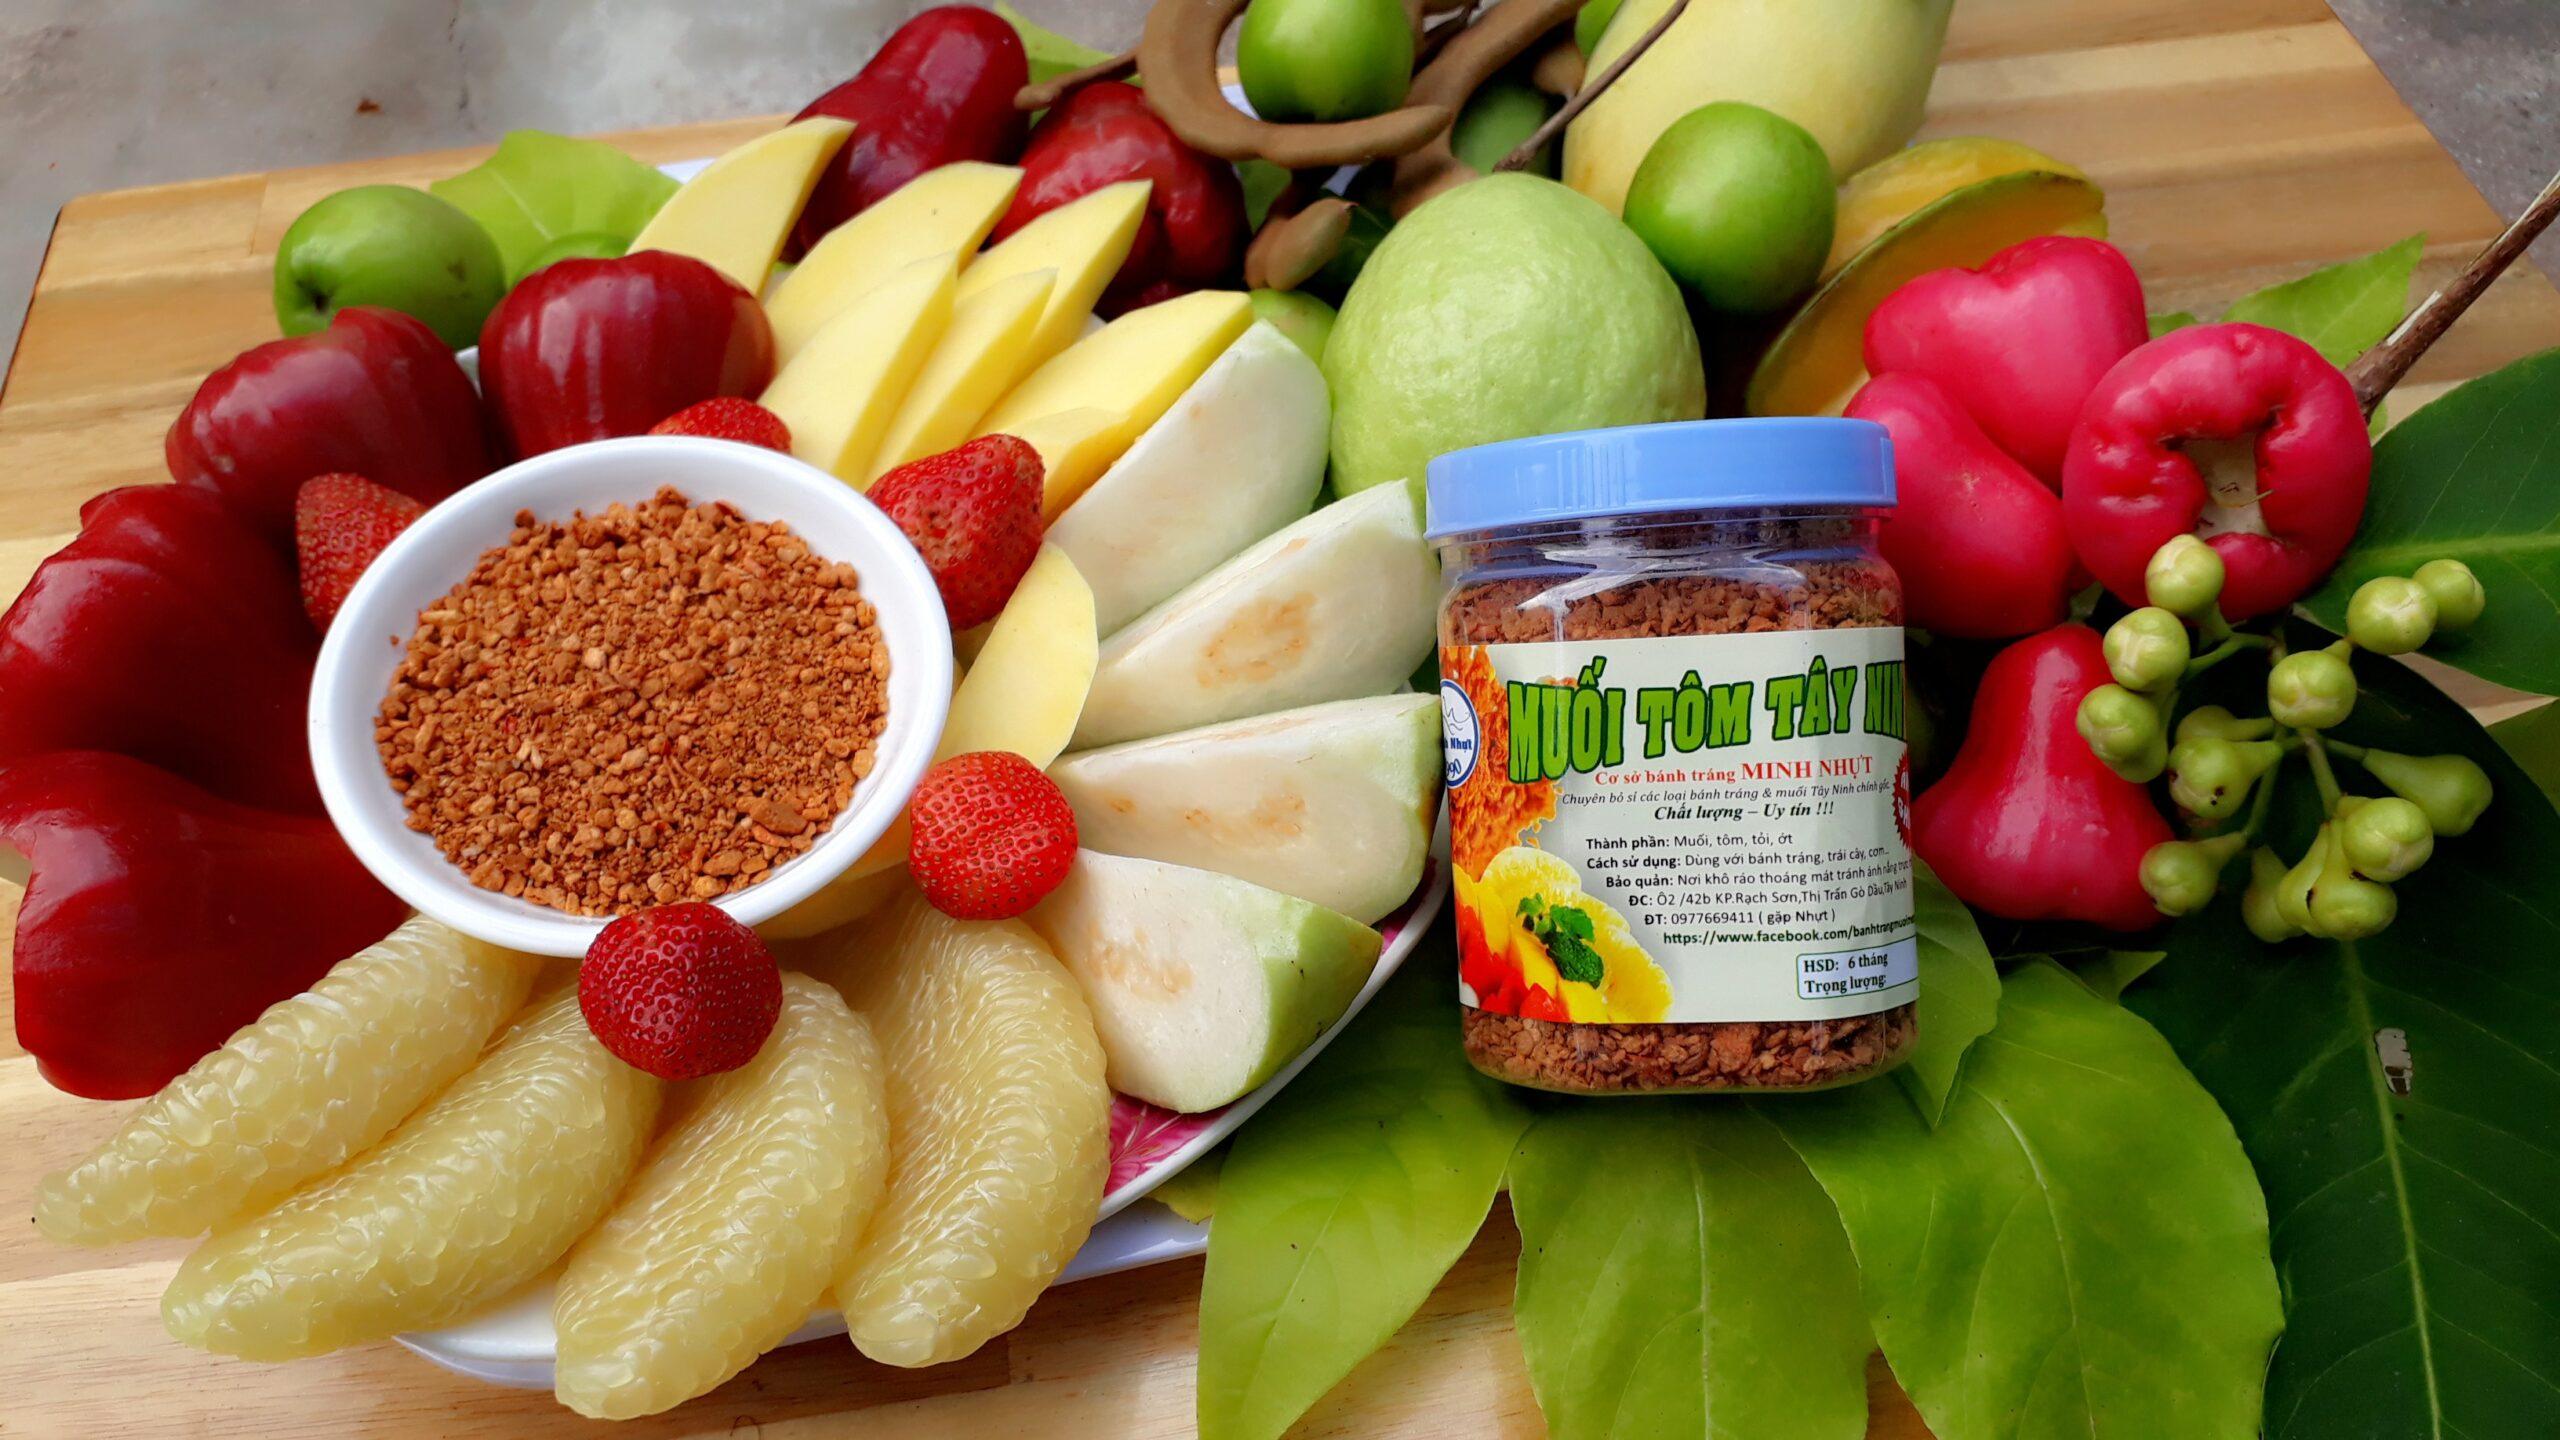 Muối tôm Tây Ninh - Món ăn thêm đậm đà, chính hiệu